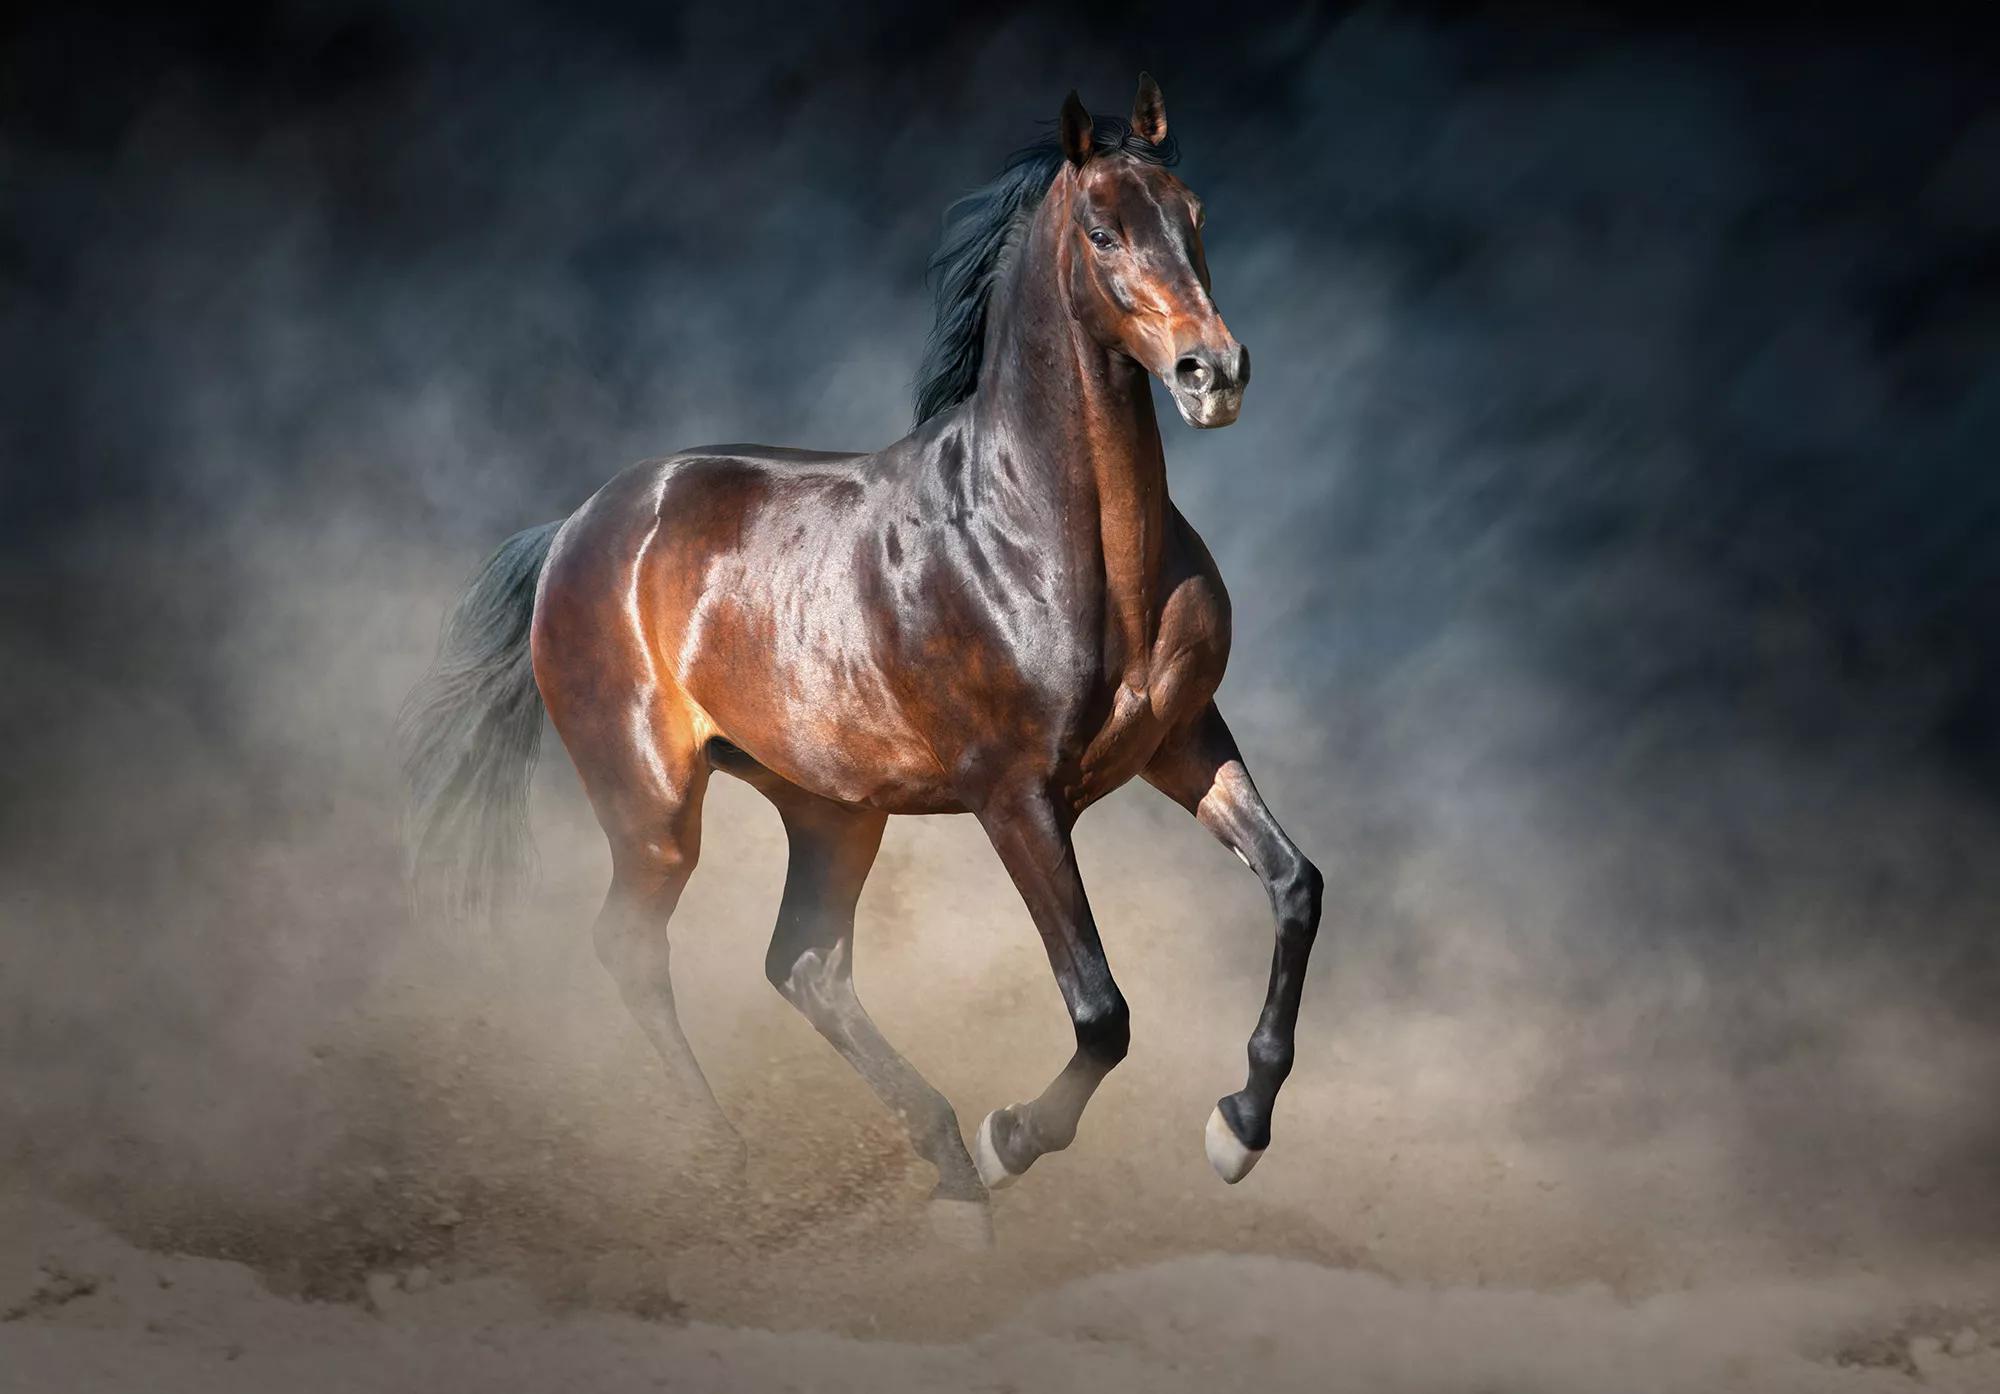 Fali poszter barna ló mintával